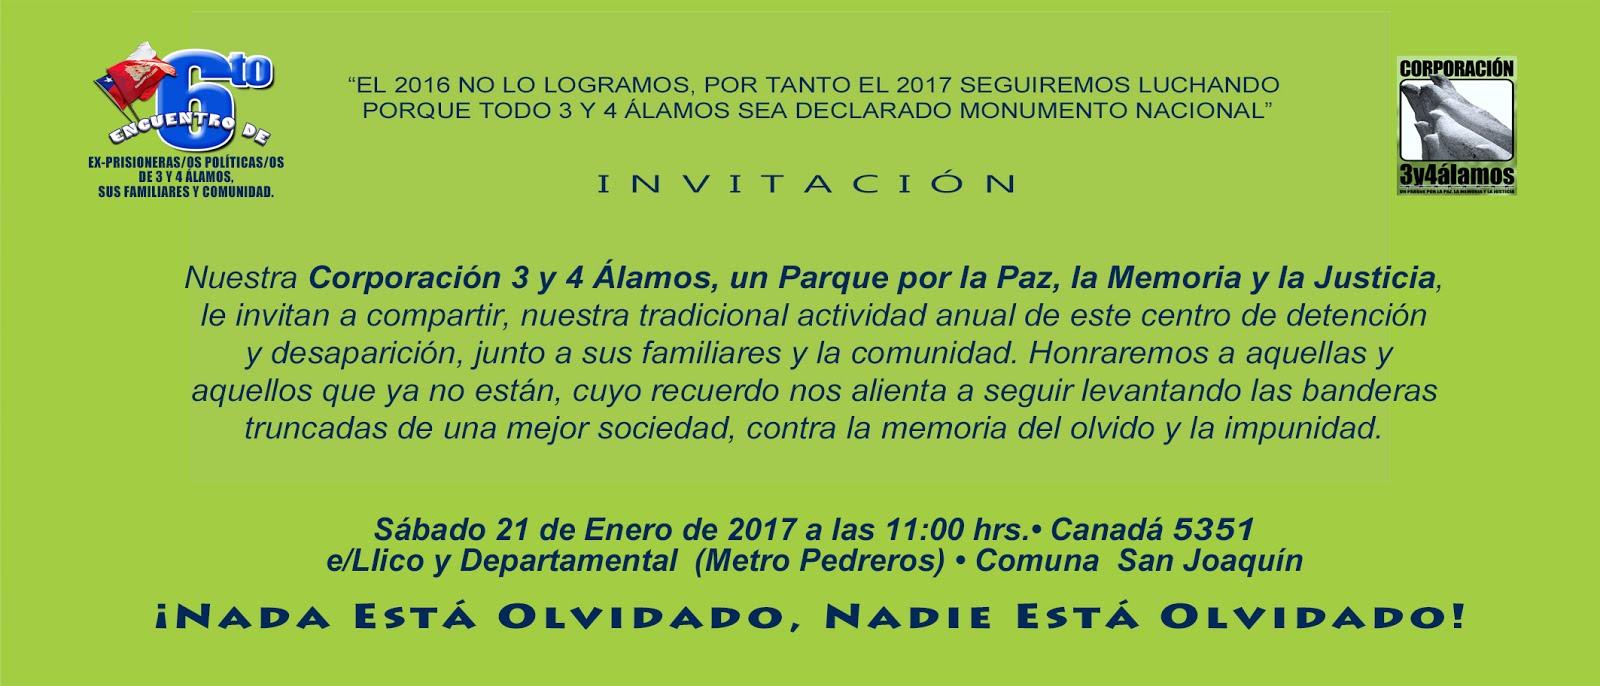 INVITACIÓN CORPORACIÓN 3 Y 4 ALAMOS